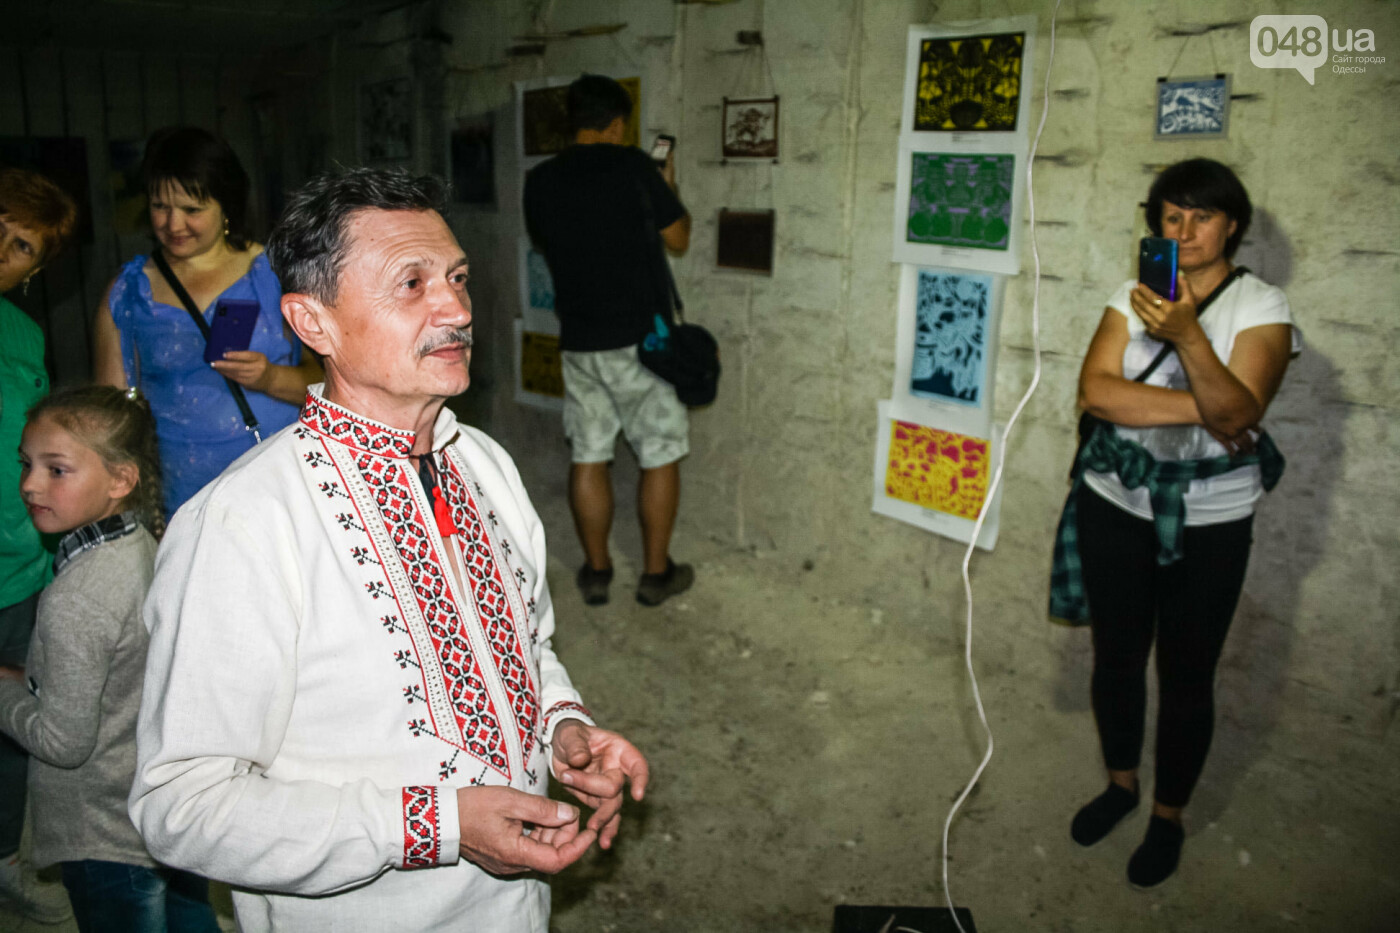 В Одесской области открылась выставка под землей,-ФОТОРЕПОРТАЖ, фото-1